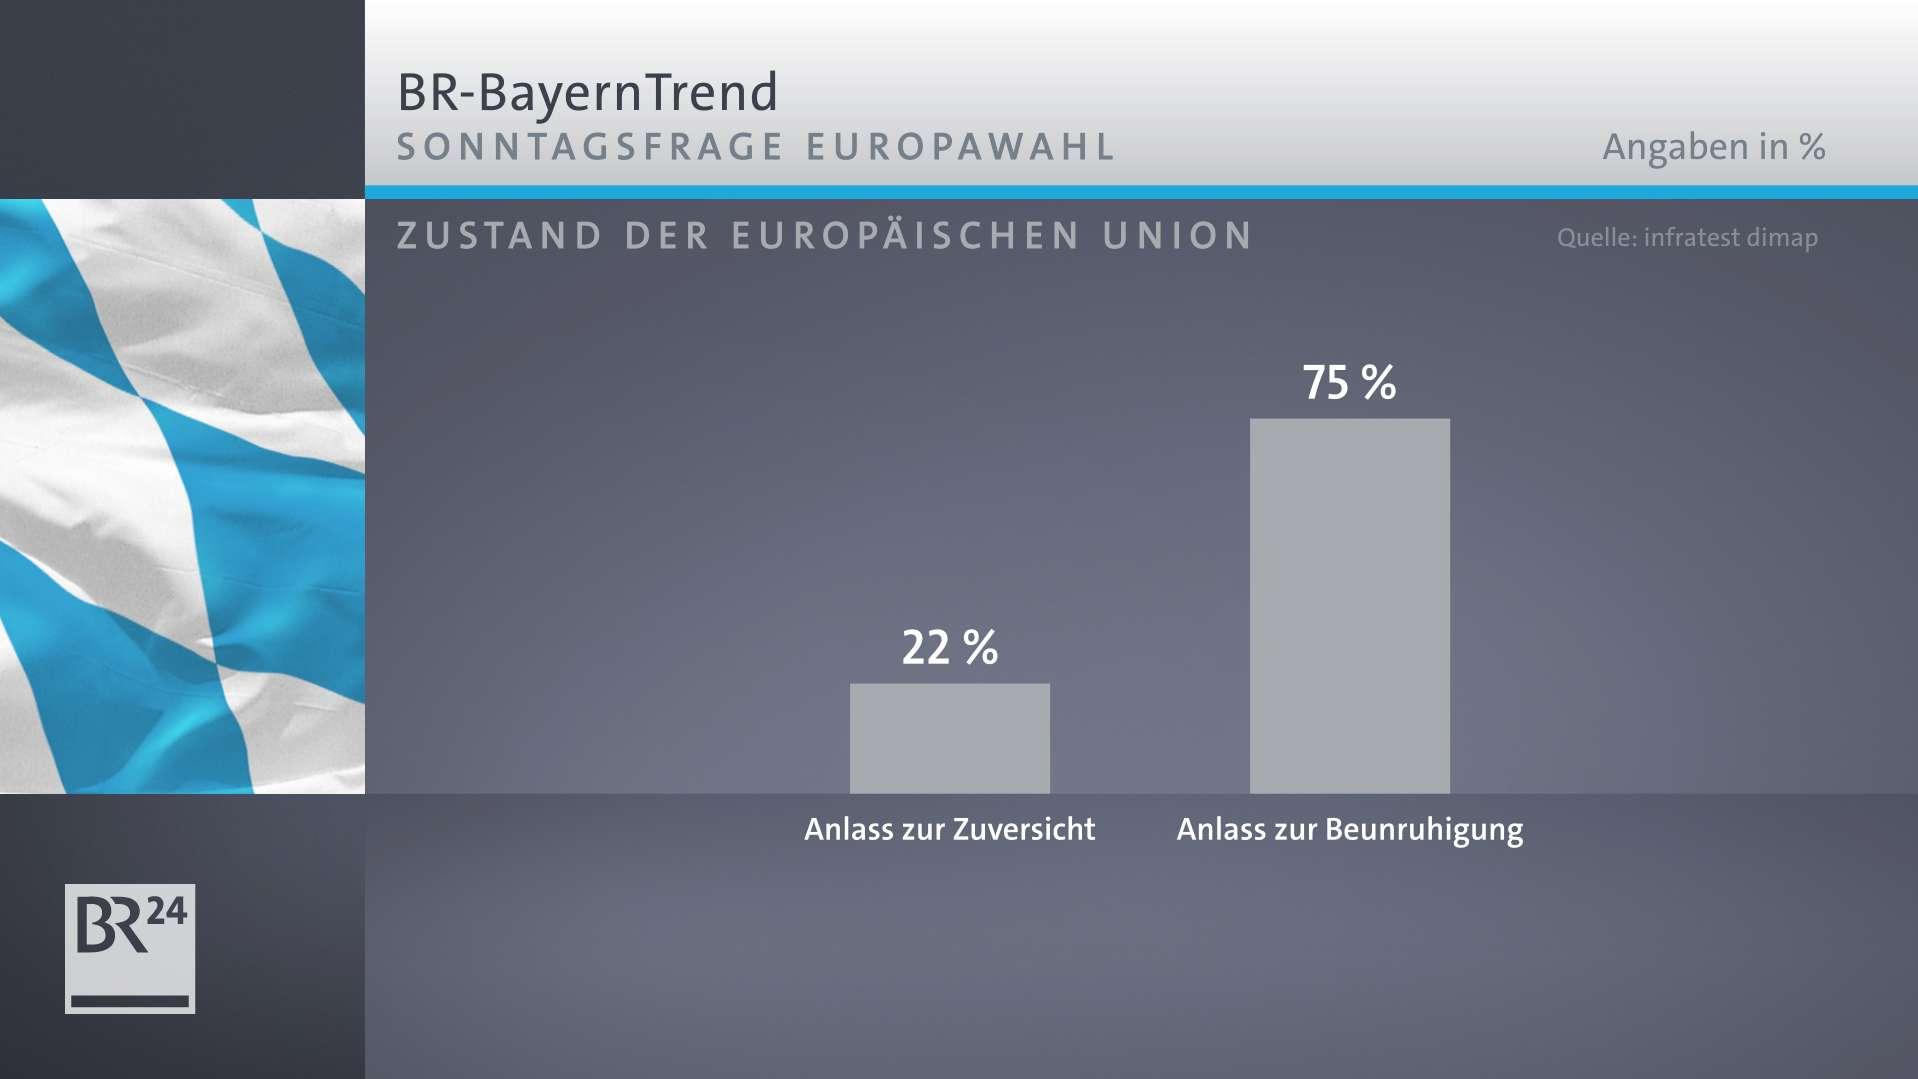 Der BR-BayernTrend mit den Umfrageergebnissen zum Zustand der Europäischen Union